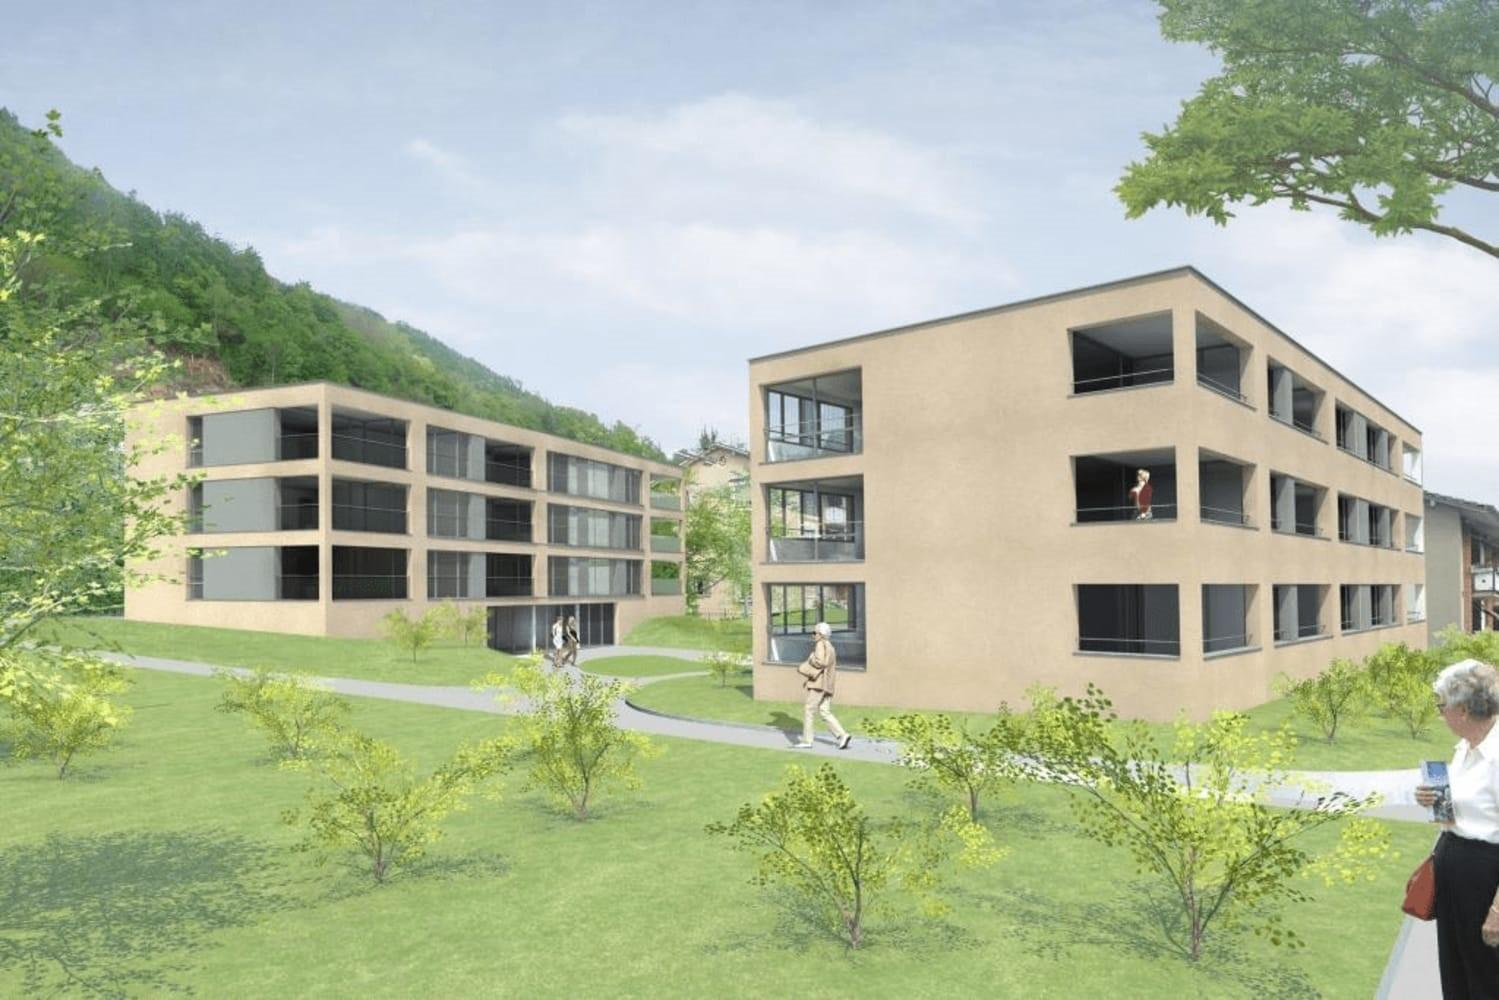 Wohnüberbauung Brunnmatt Liestal.jpg